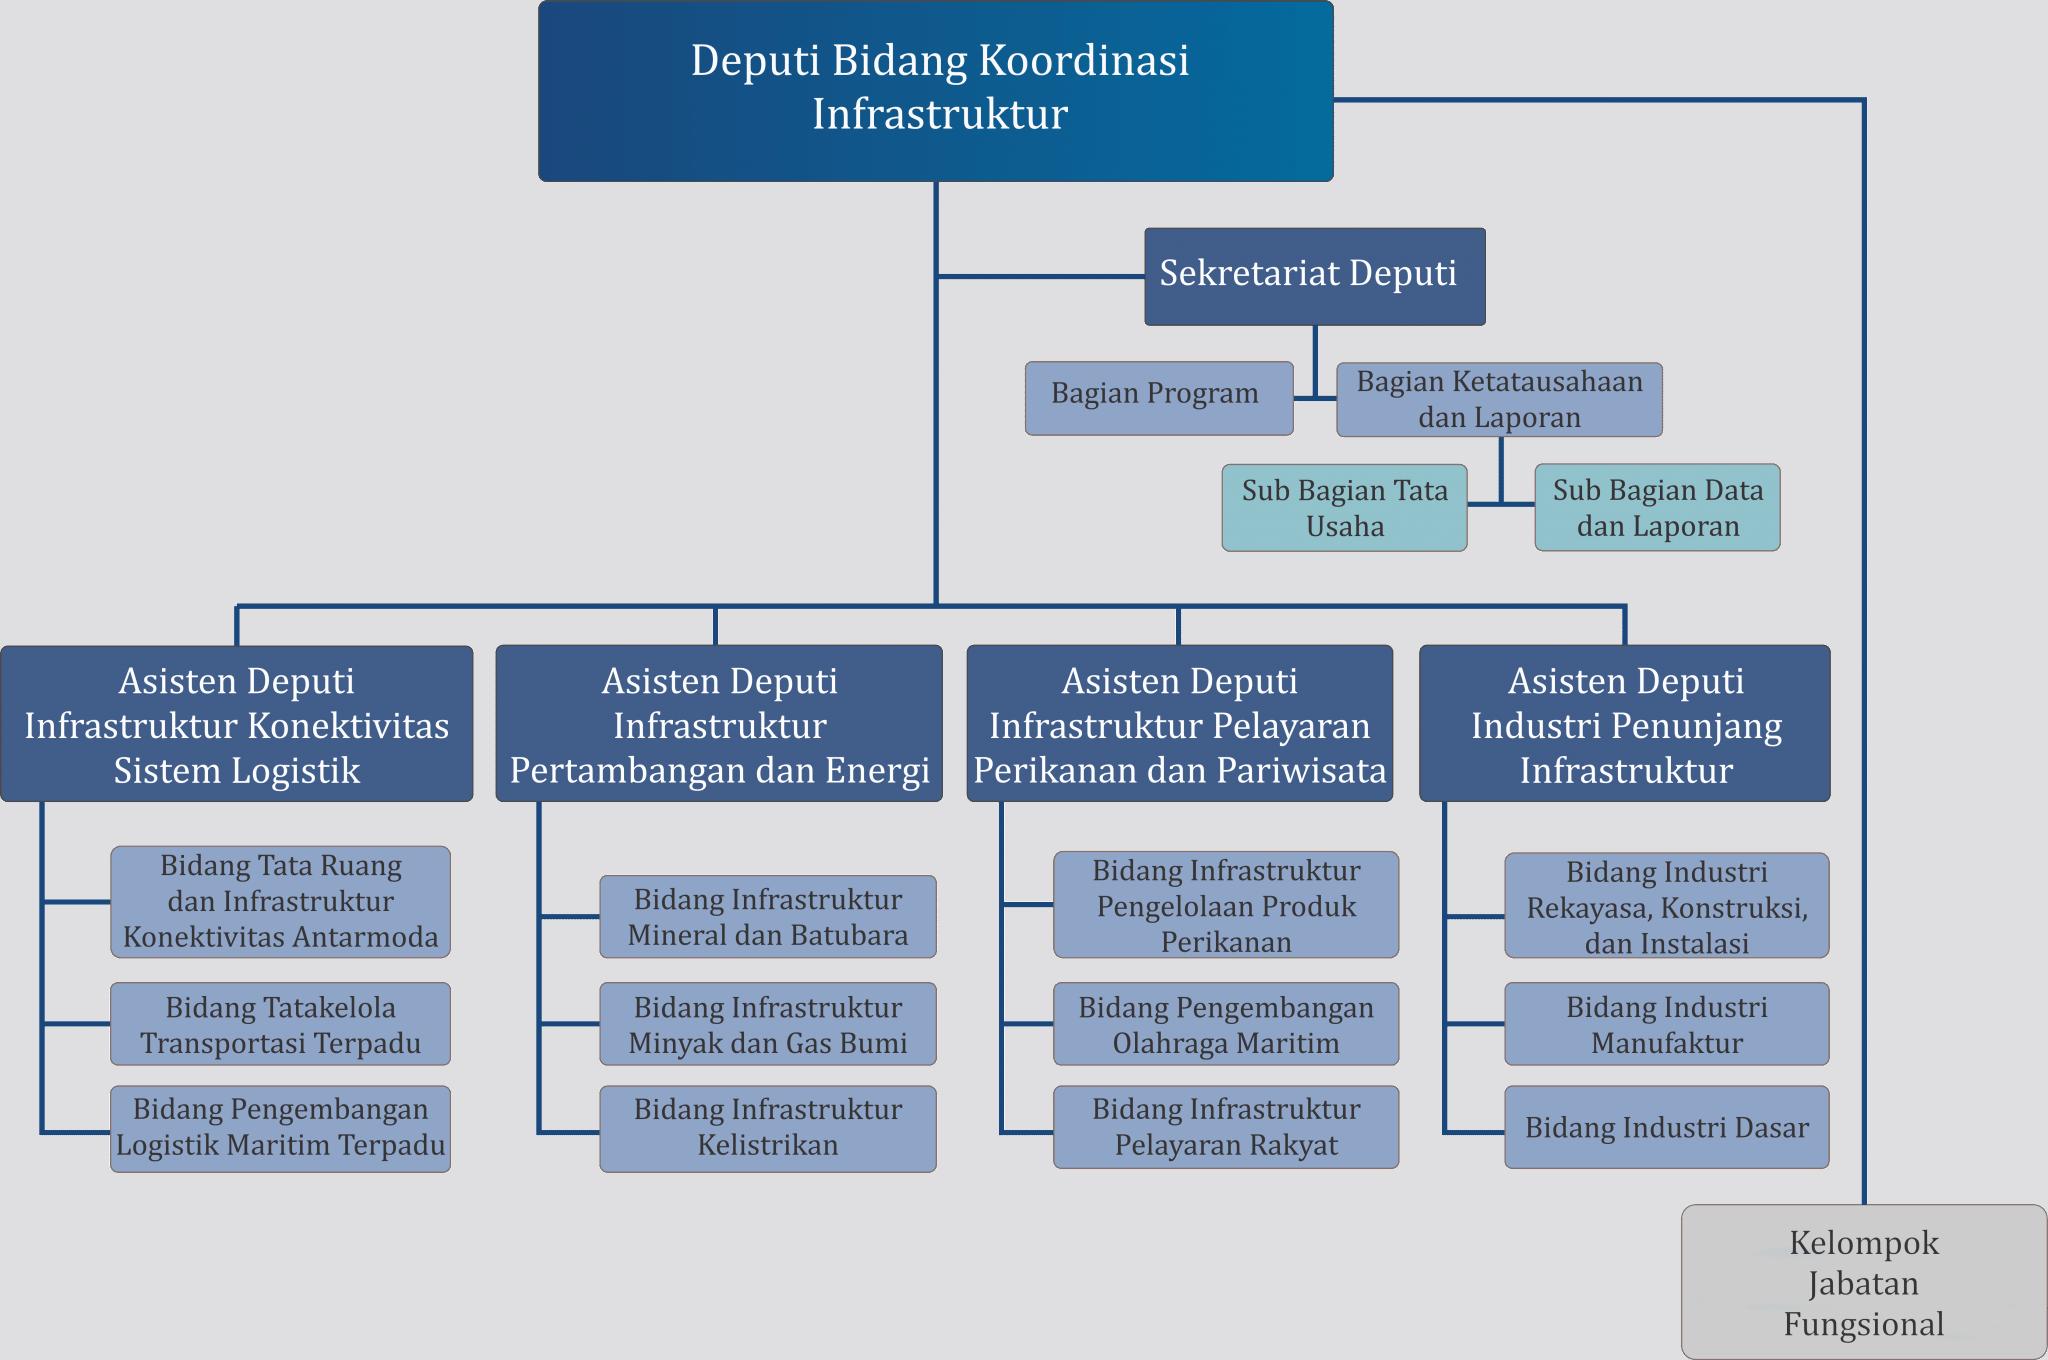 Deputi Bidang Koordinasi Infrastruktur